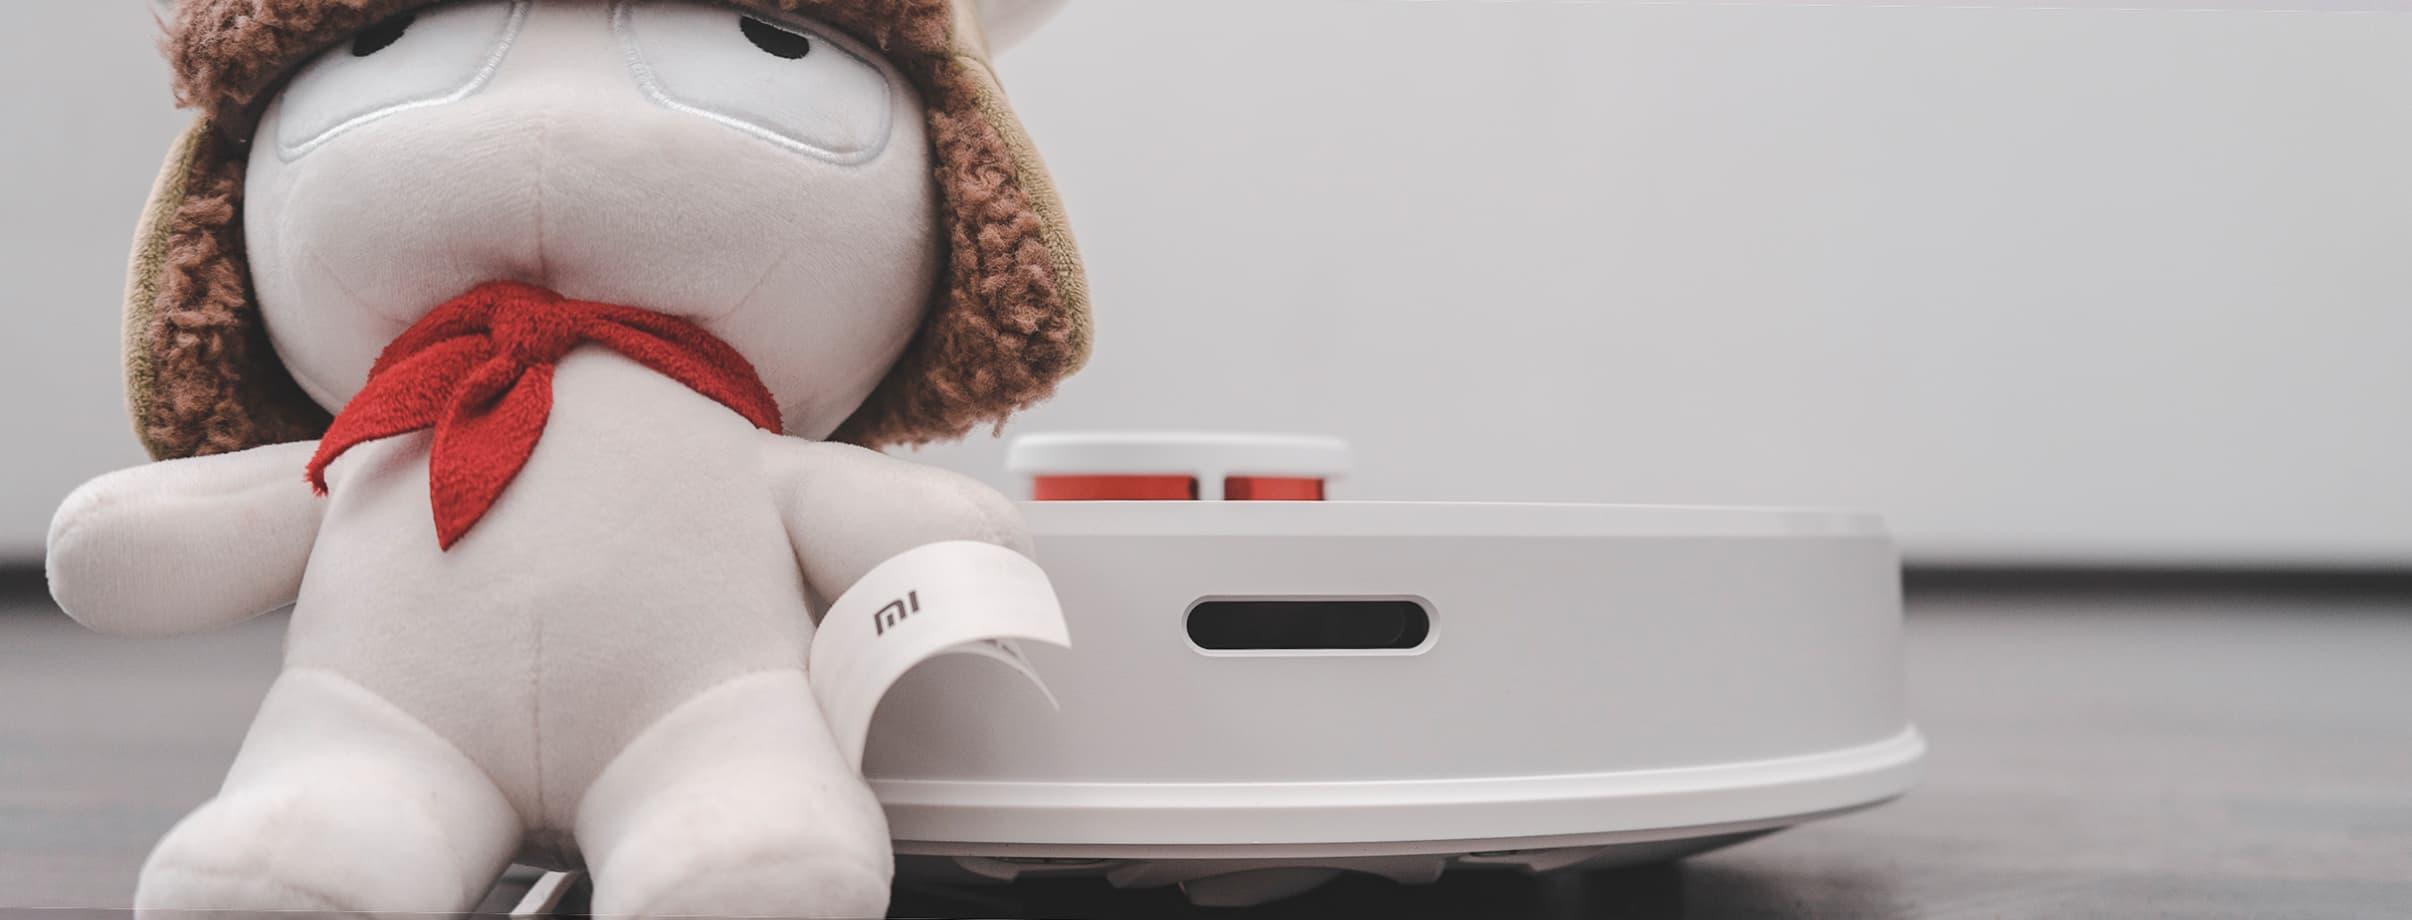 Картинки по запросу Робот-пылесос Xiaomi (Mi) Roborock Sweep One S50 CN